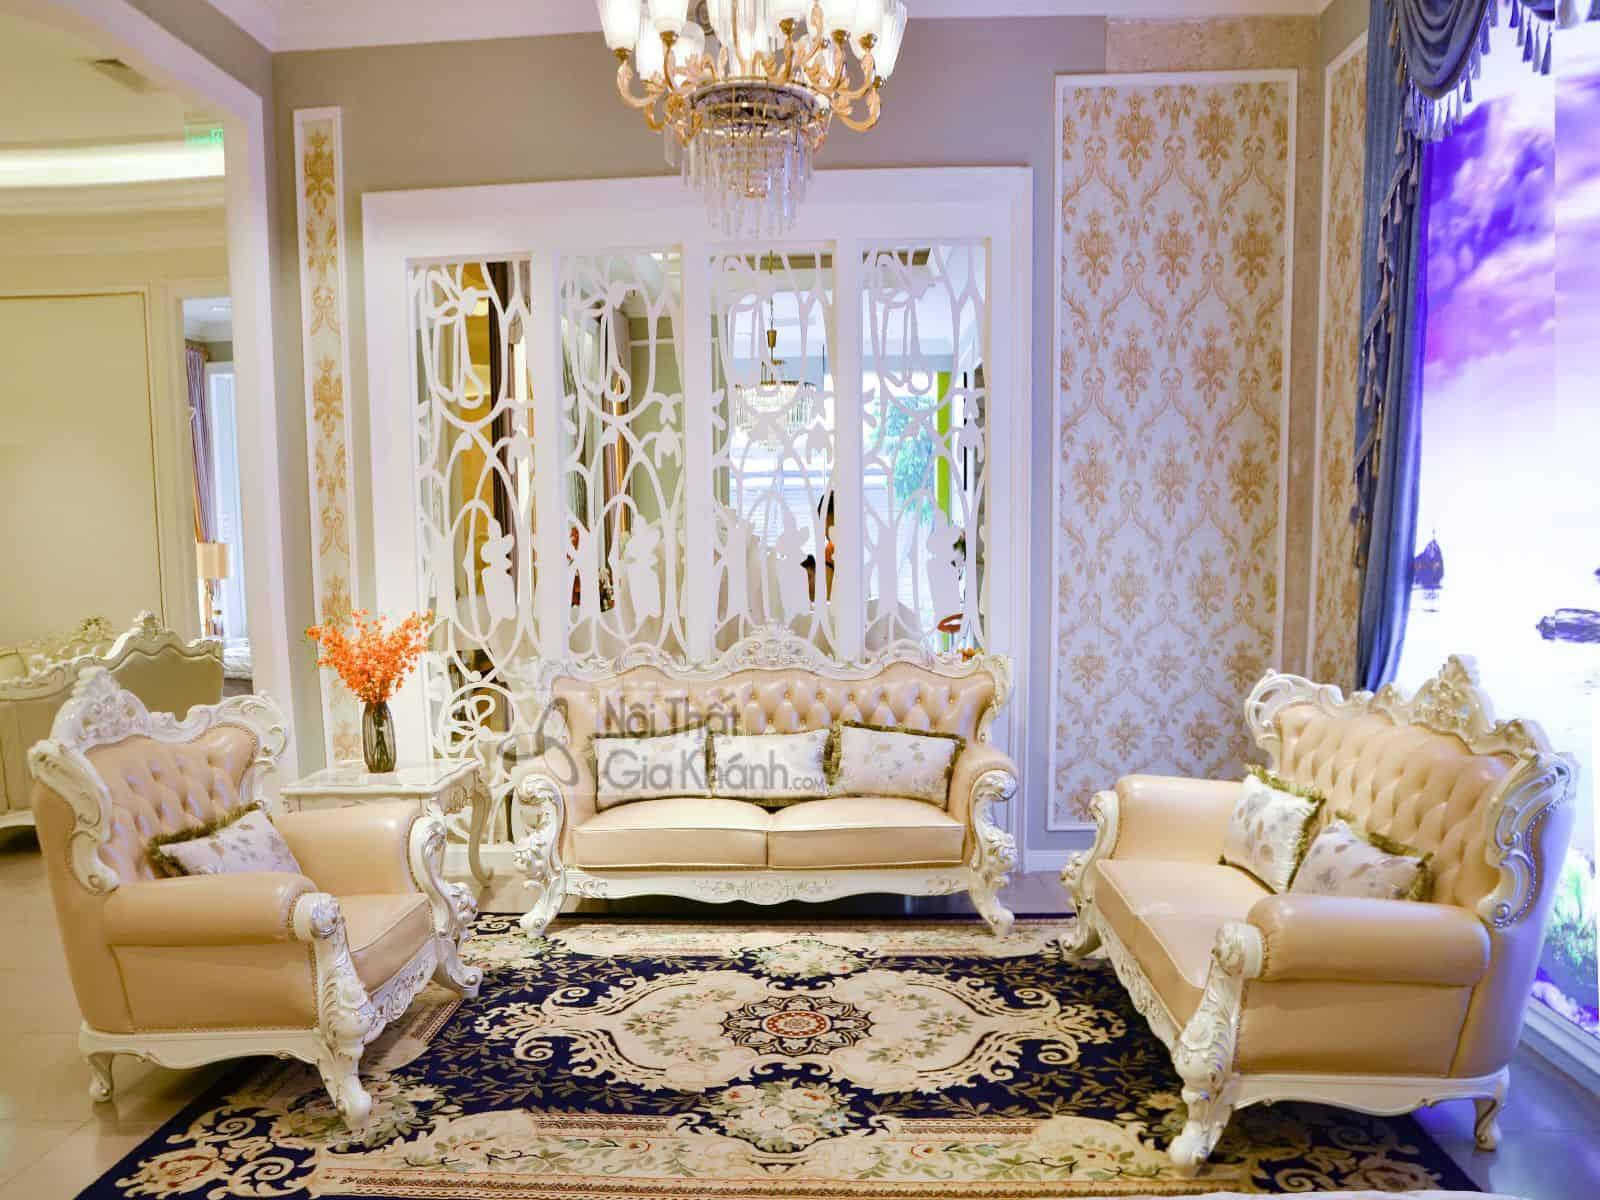 Sofa (salon) tân cổ điển đẳng cấp hoàng gia H963SF - sofa salon tan co dien dang cap hoang gia h963sf